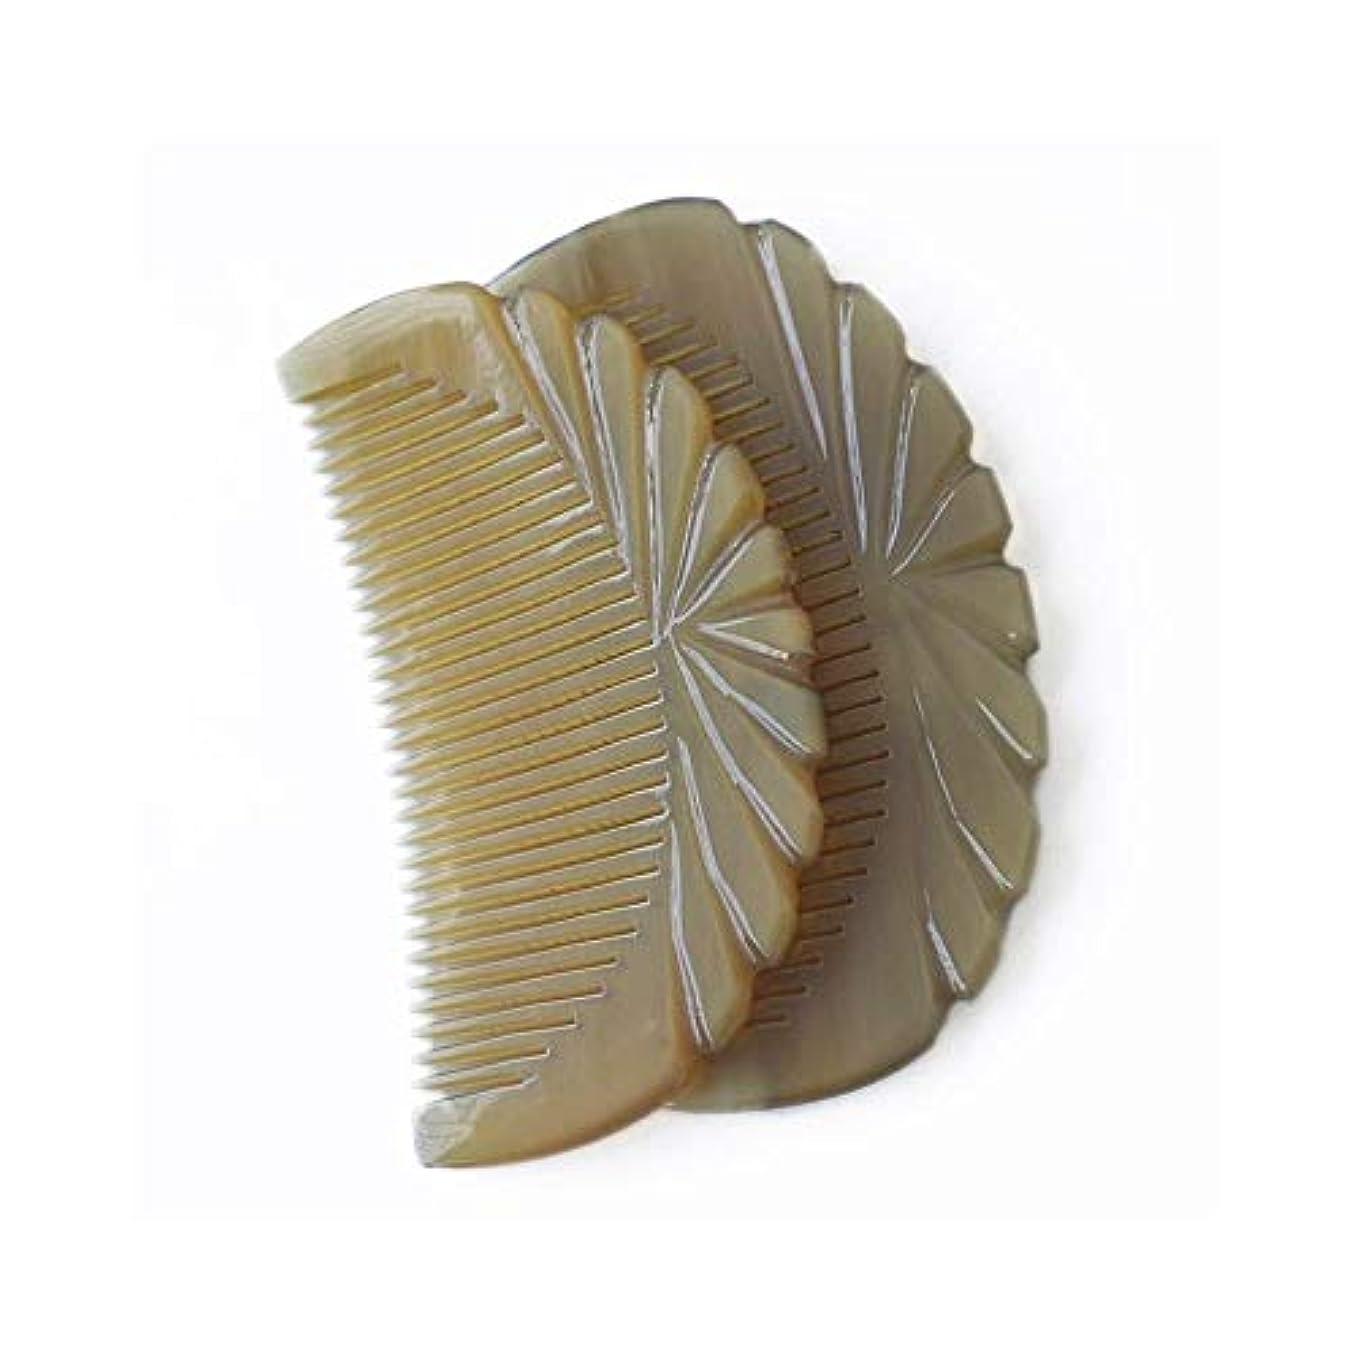 痛み子音ブレイズFashian天然木製くし髪 - もつれ解除とスタイリングウェットまたはドライカーリー、太い、波状、またはストレートヘアナチュラルアンチスタティックウッド ヘアケア